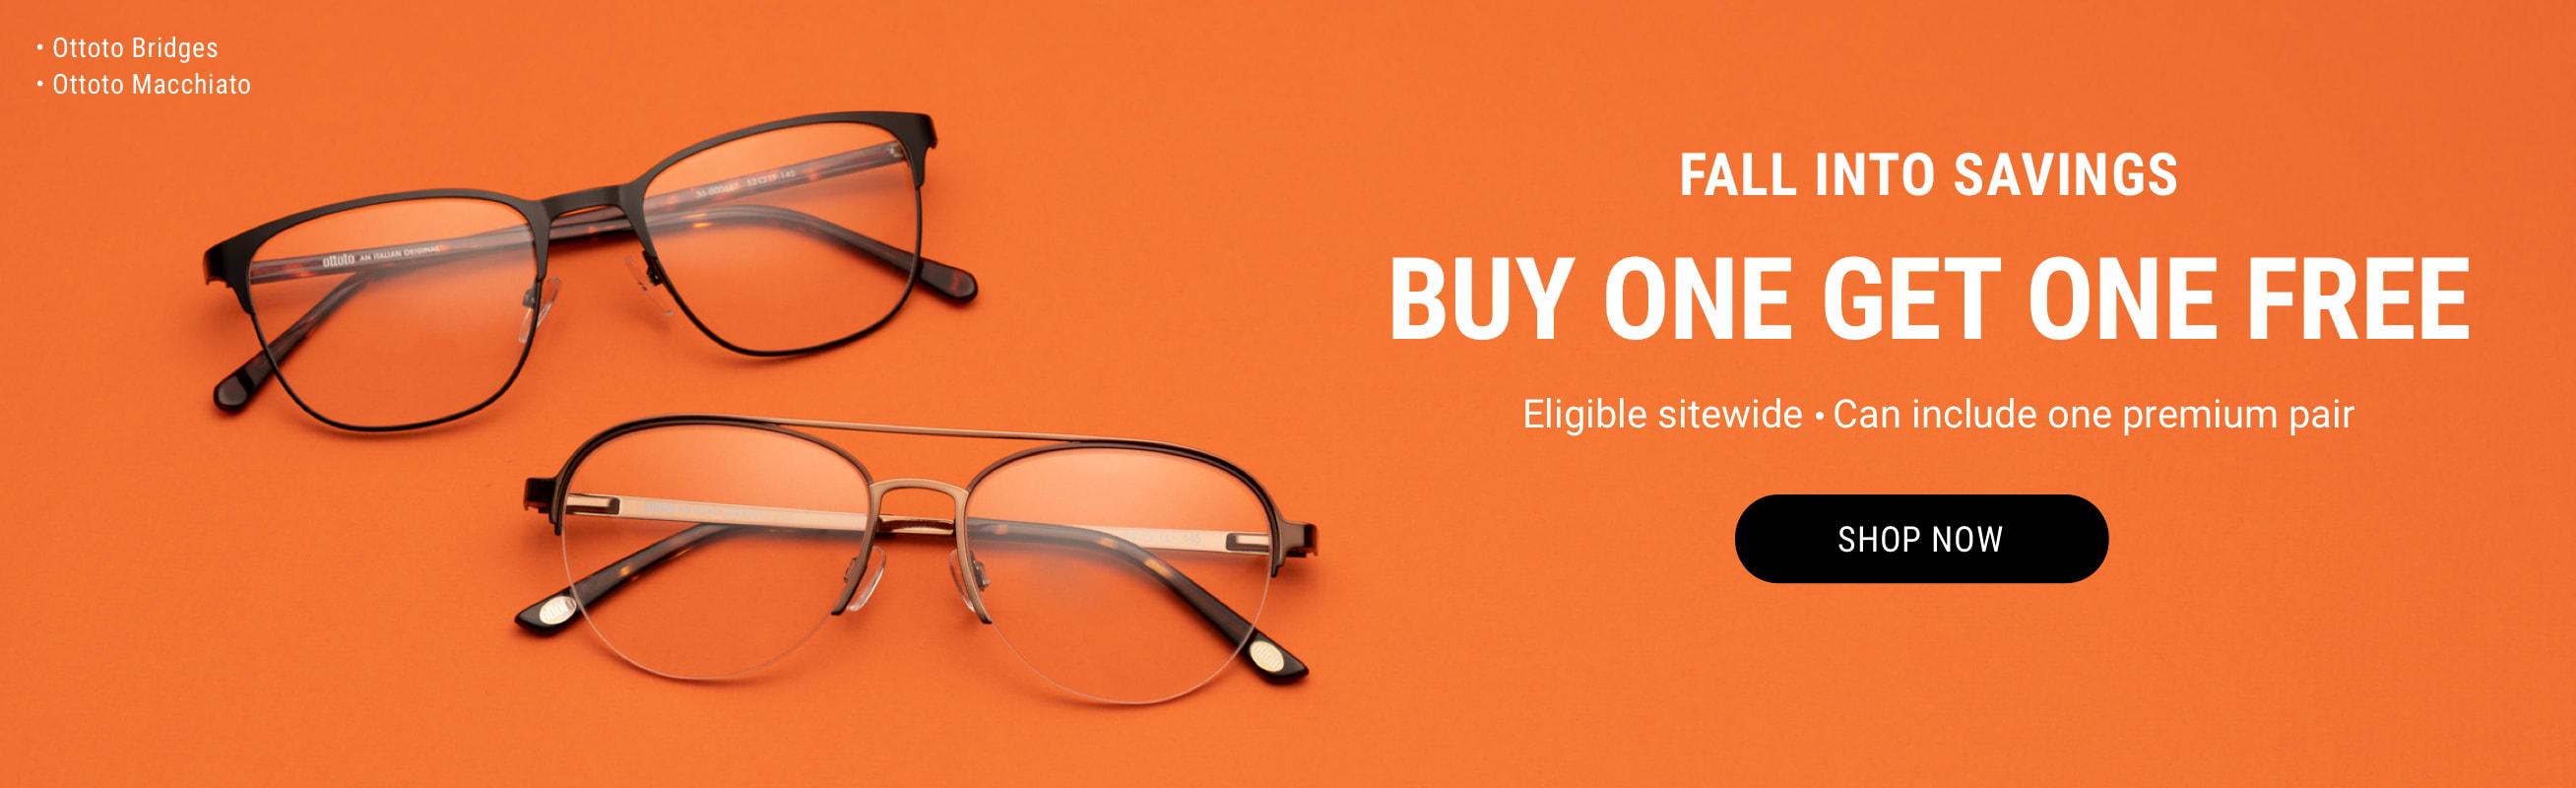 prescription glasses online coupon